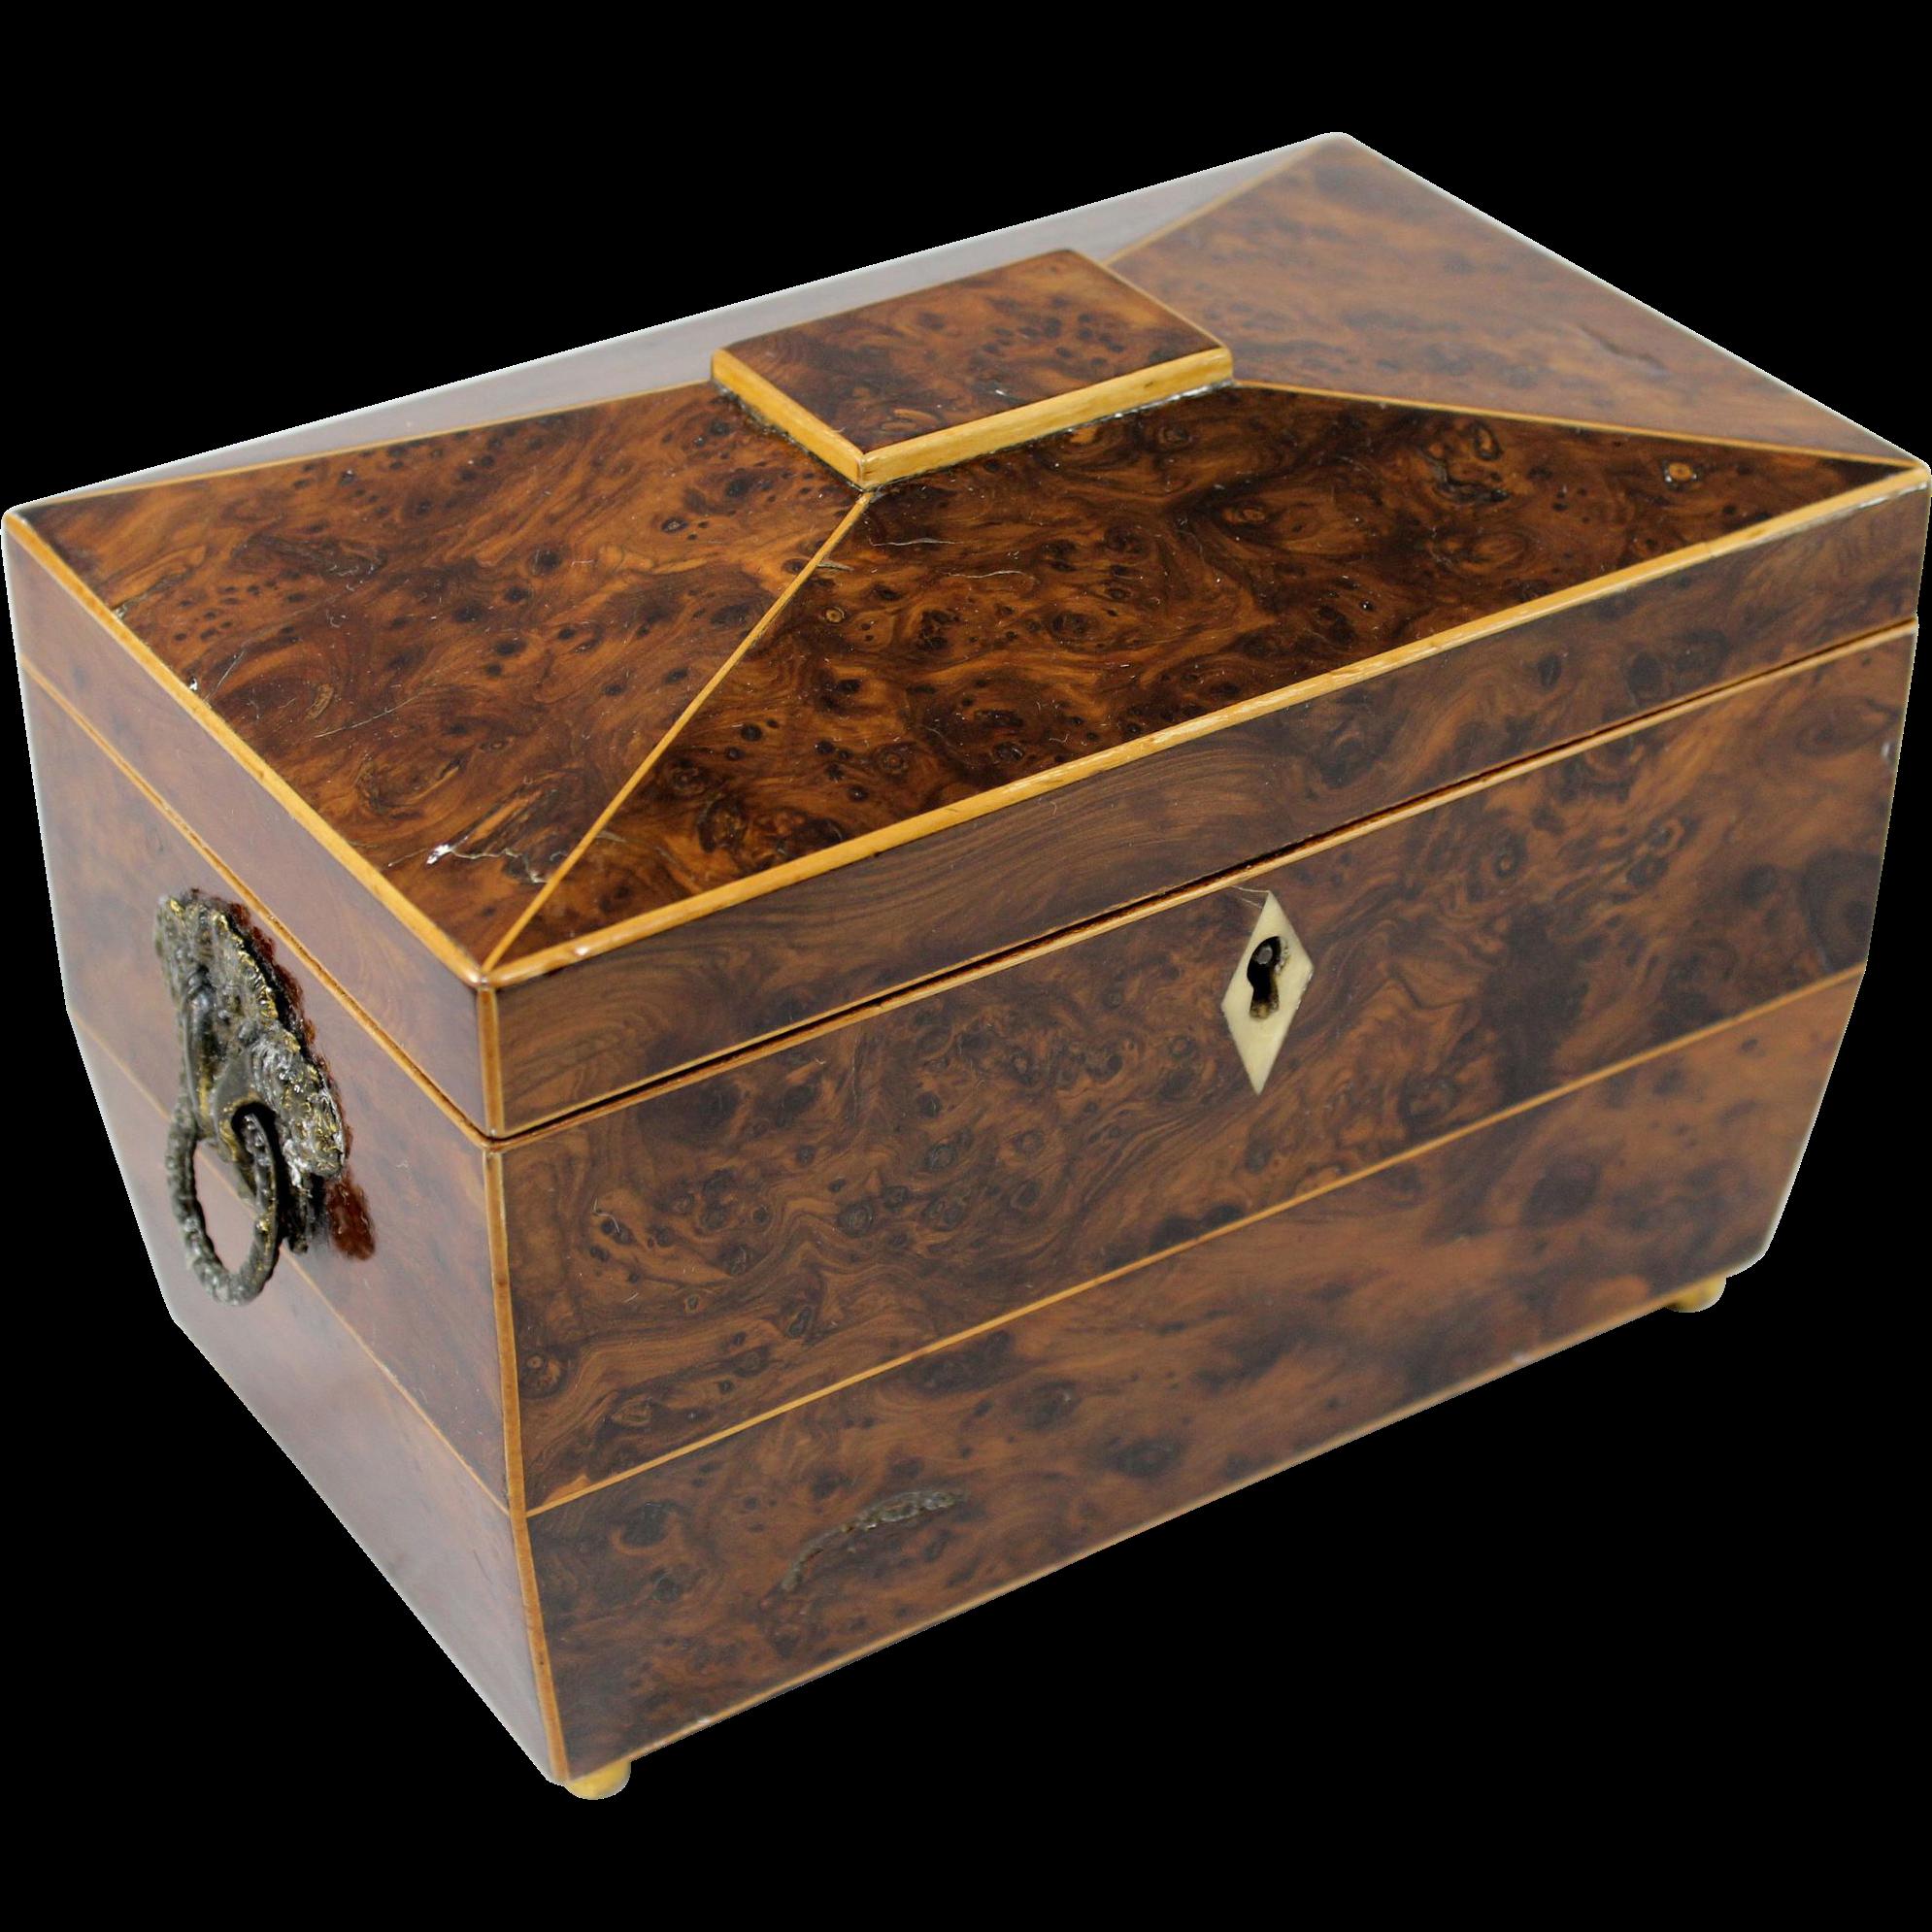 Early 19th c English Burlwood Casket Form Tea Caddy